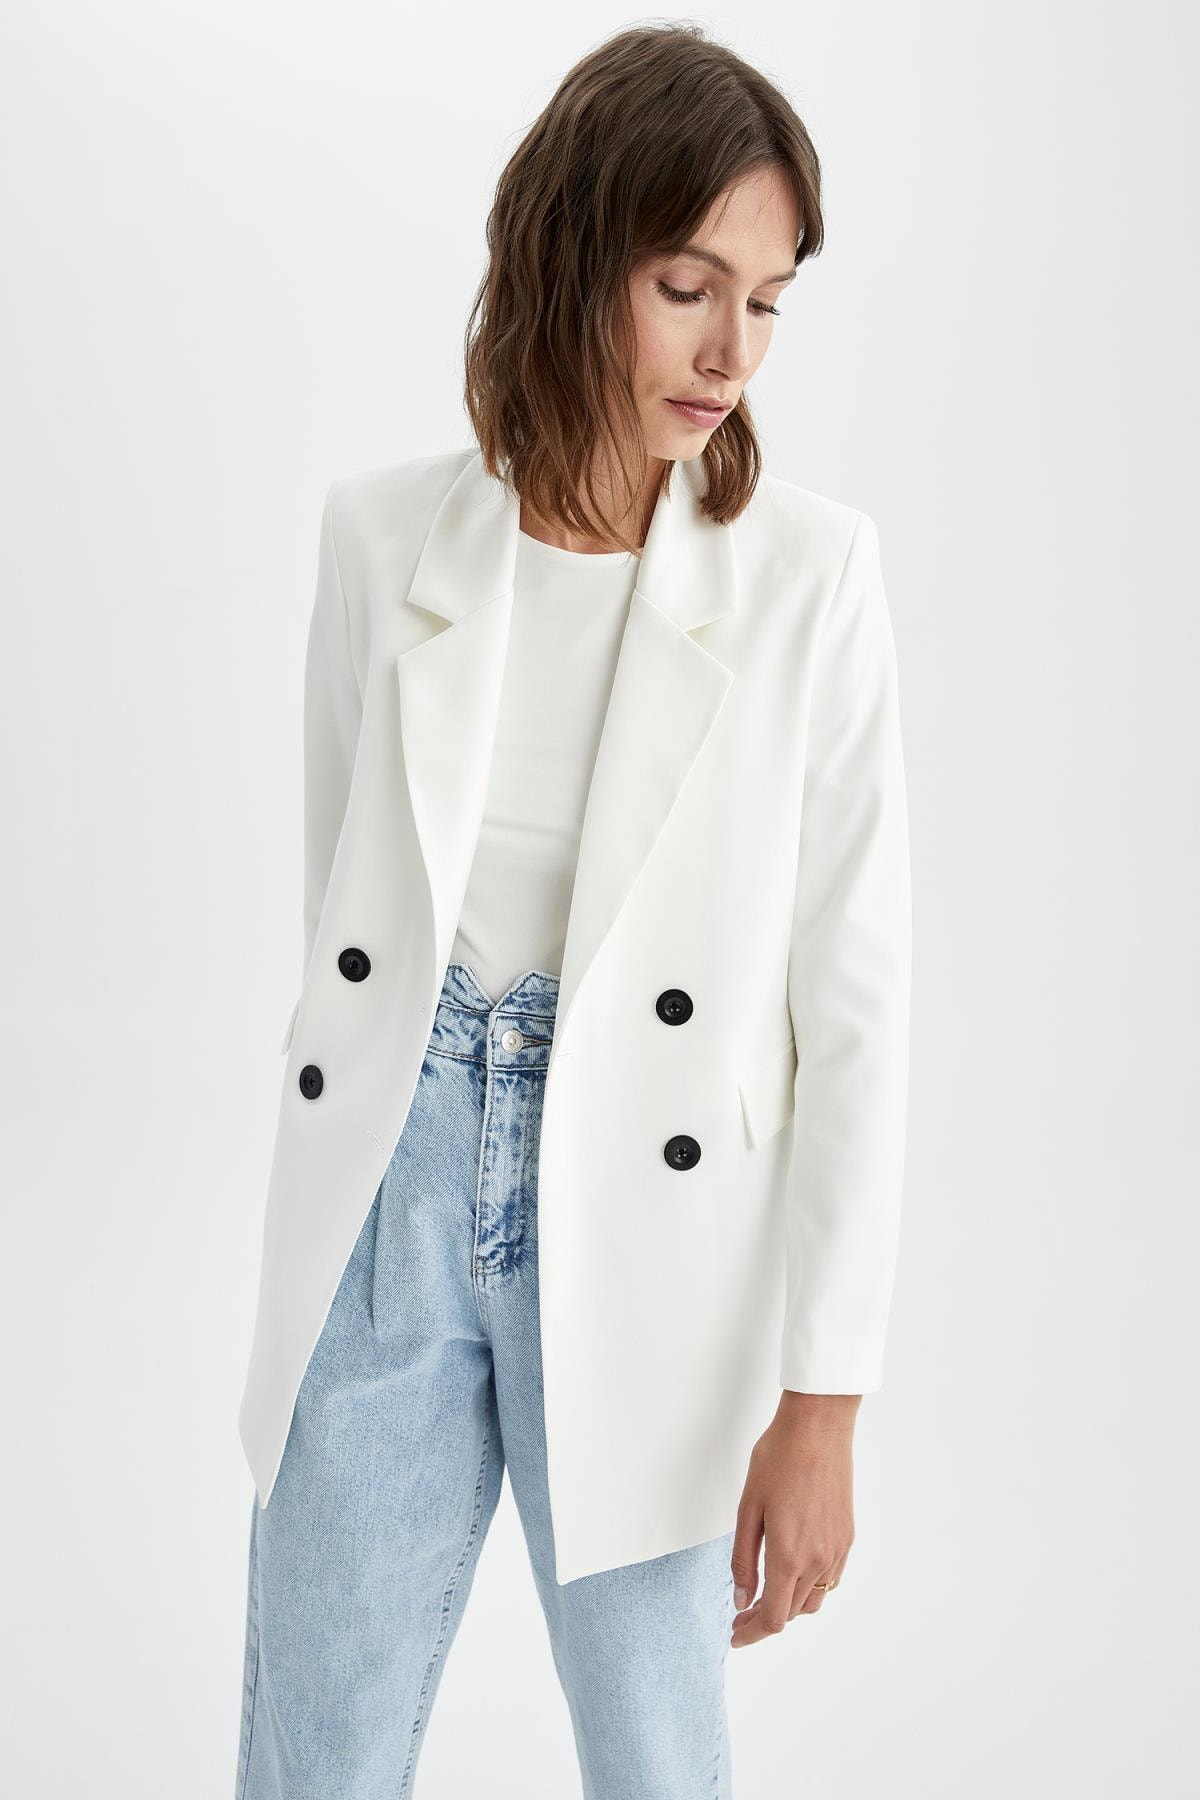 Kadın Ekru Kapaklı Cepli Relax Fit Uzun Kollu Blazer Ceket